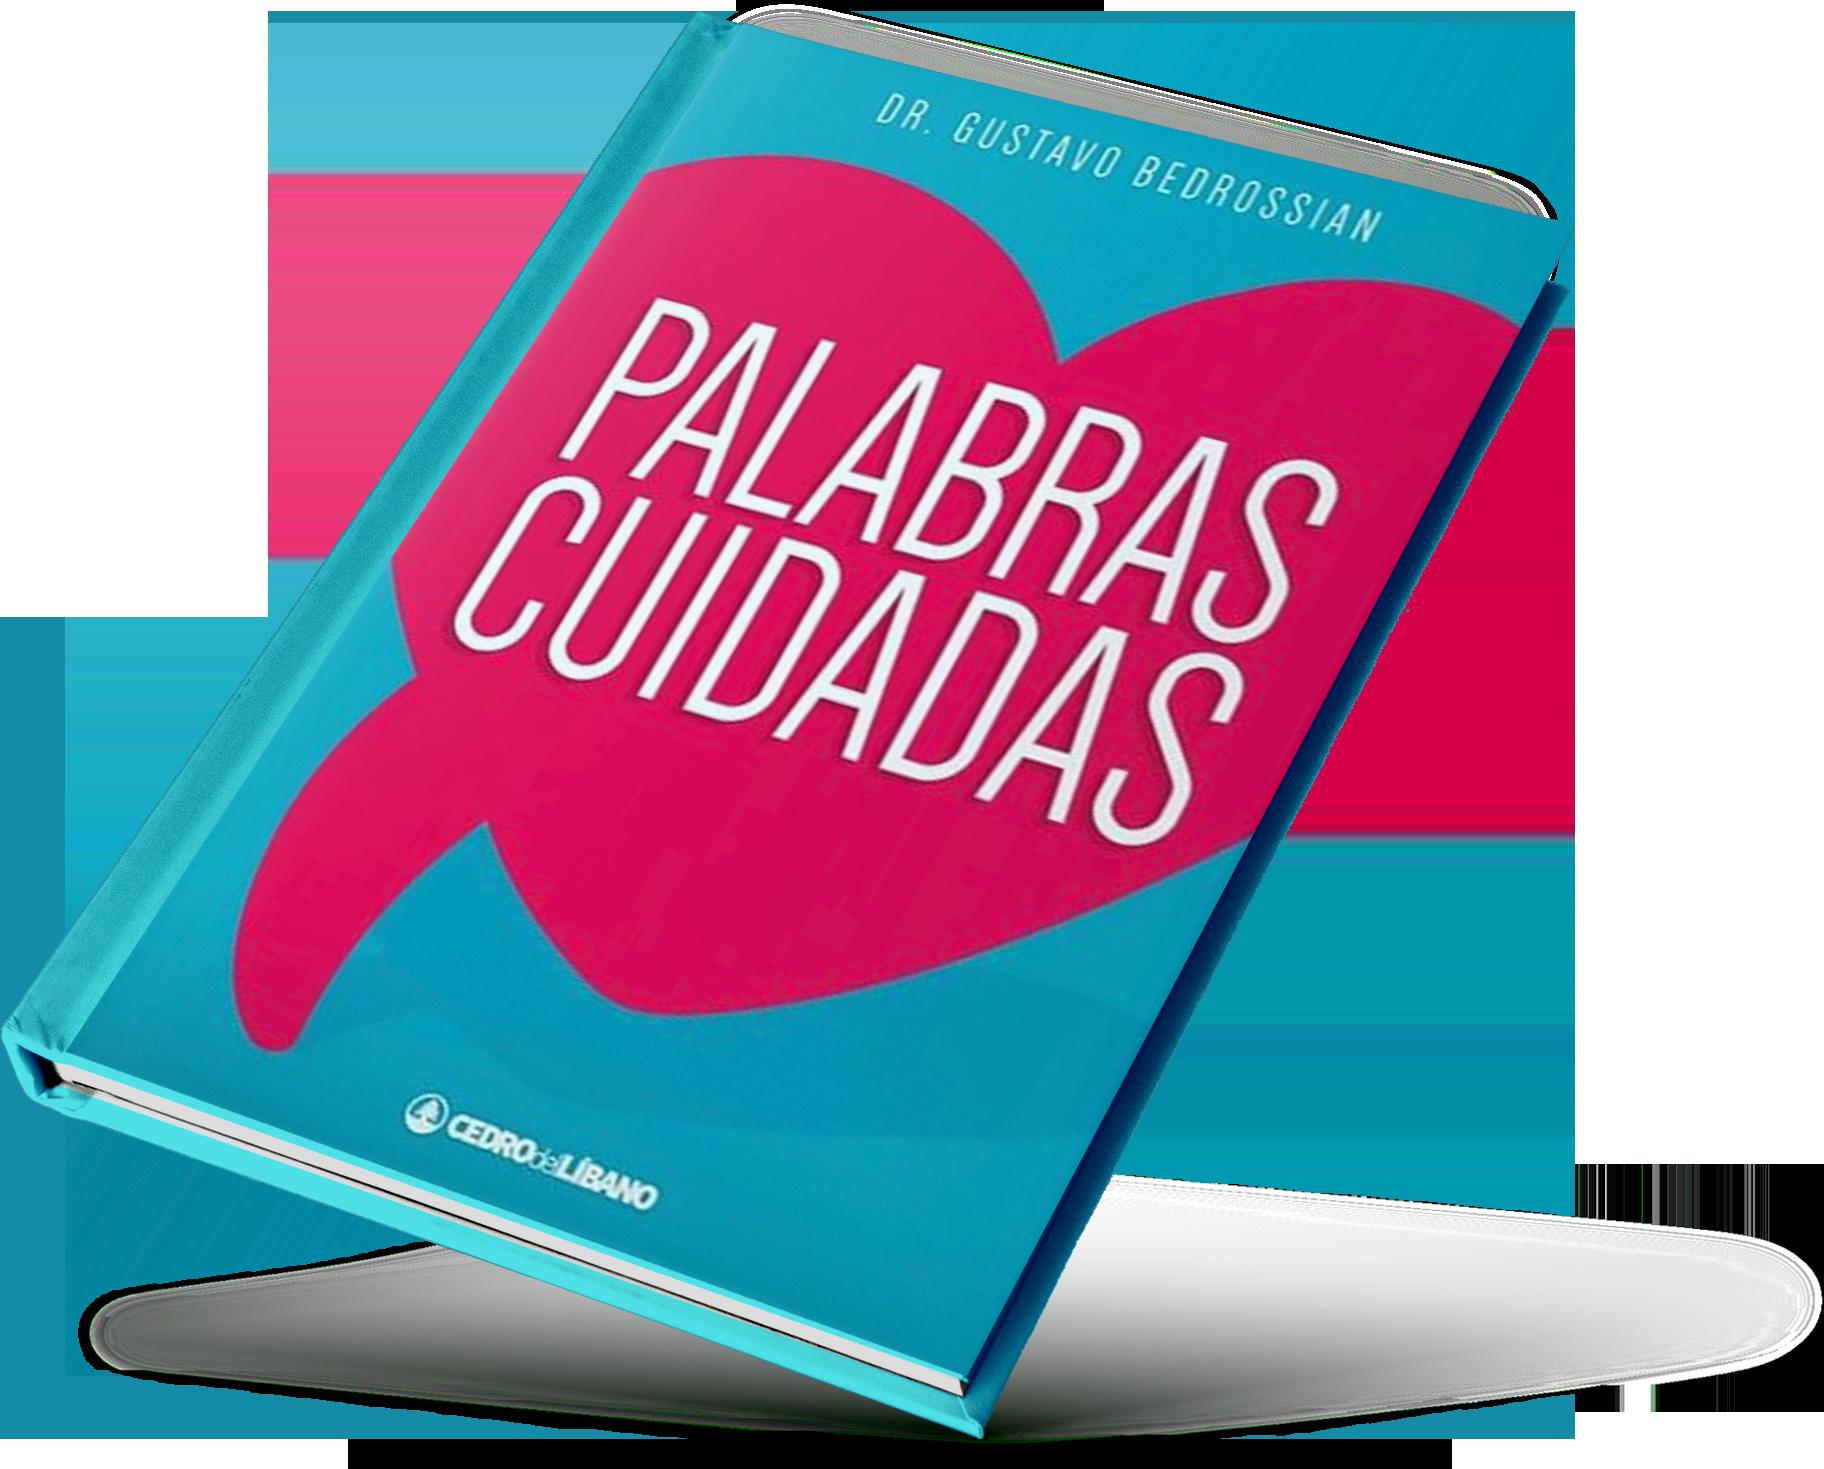 PALABRAS CUIDADAS